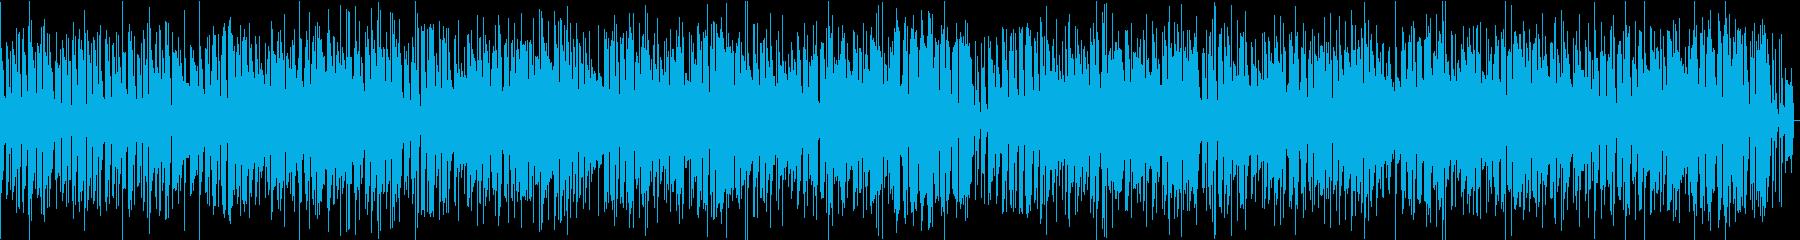 夏にぴったりなハチャメチャロケンロールの再生済みの波形